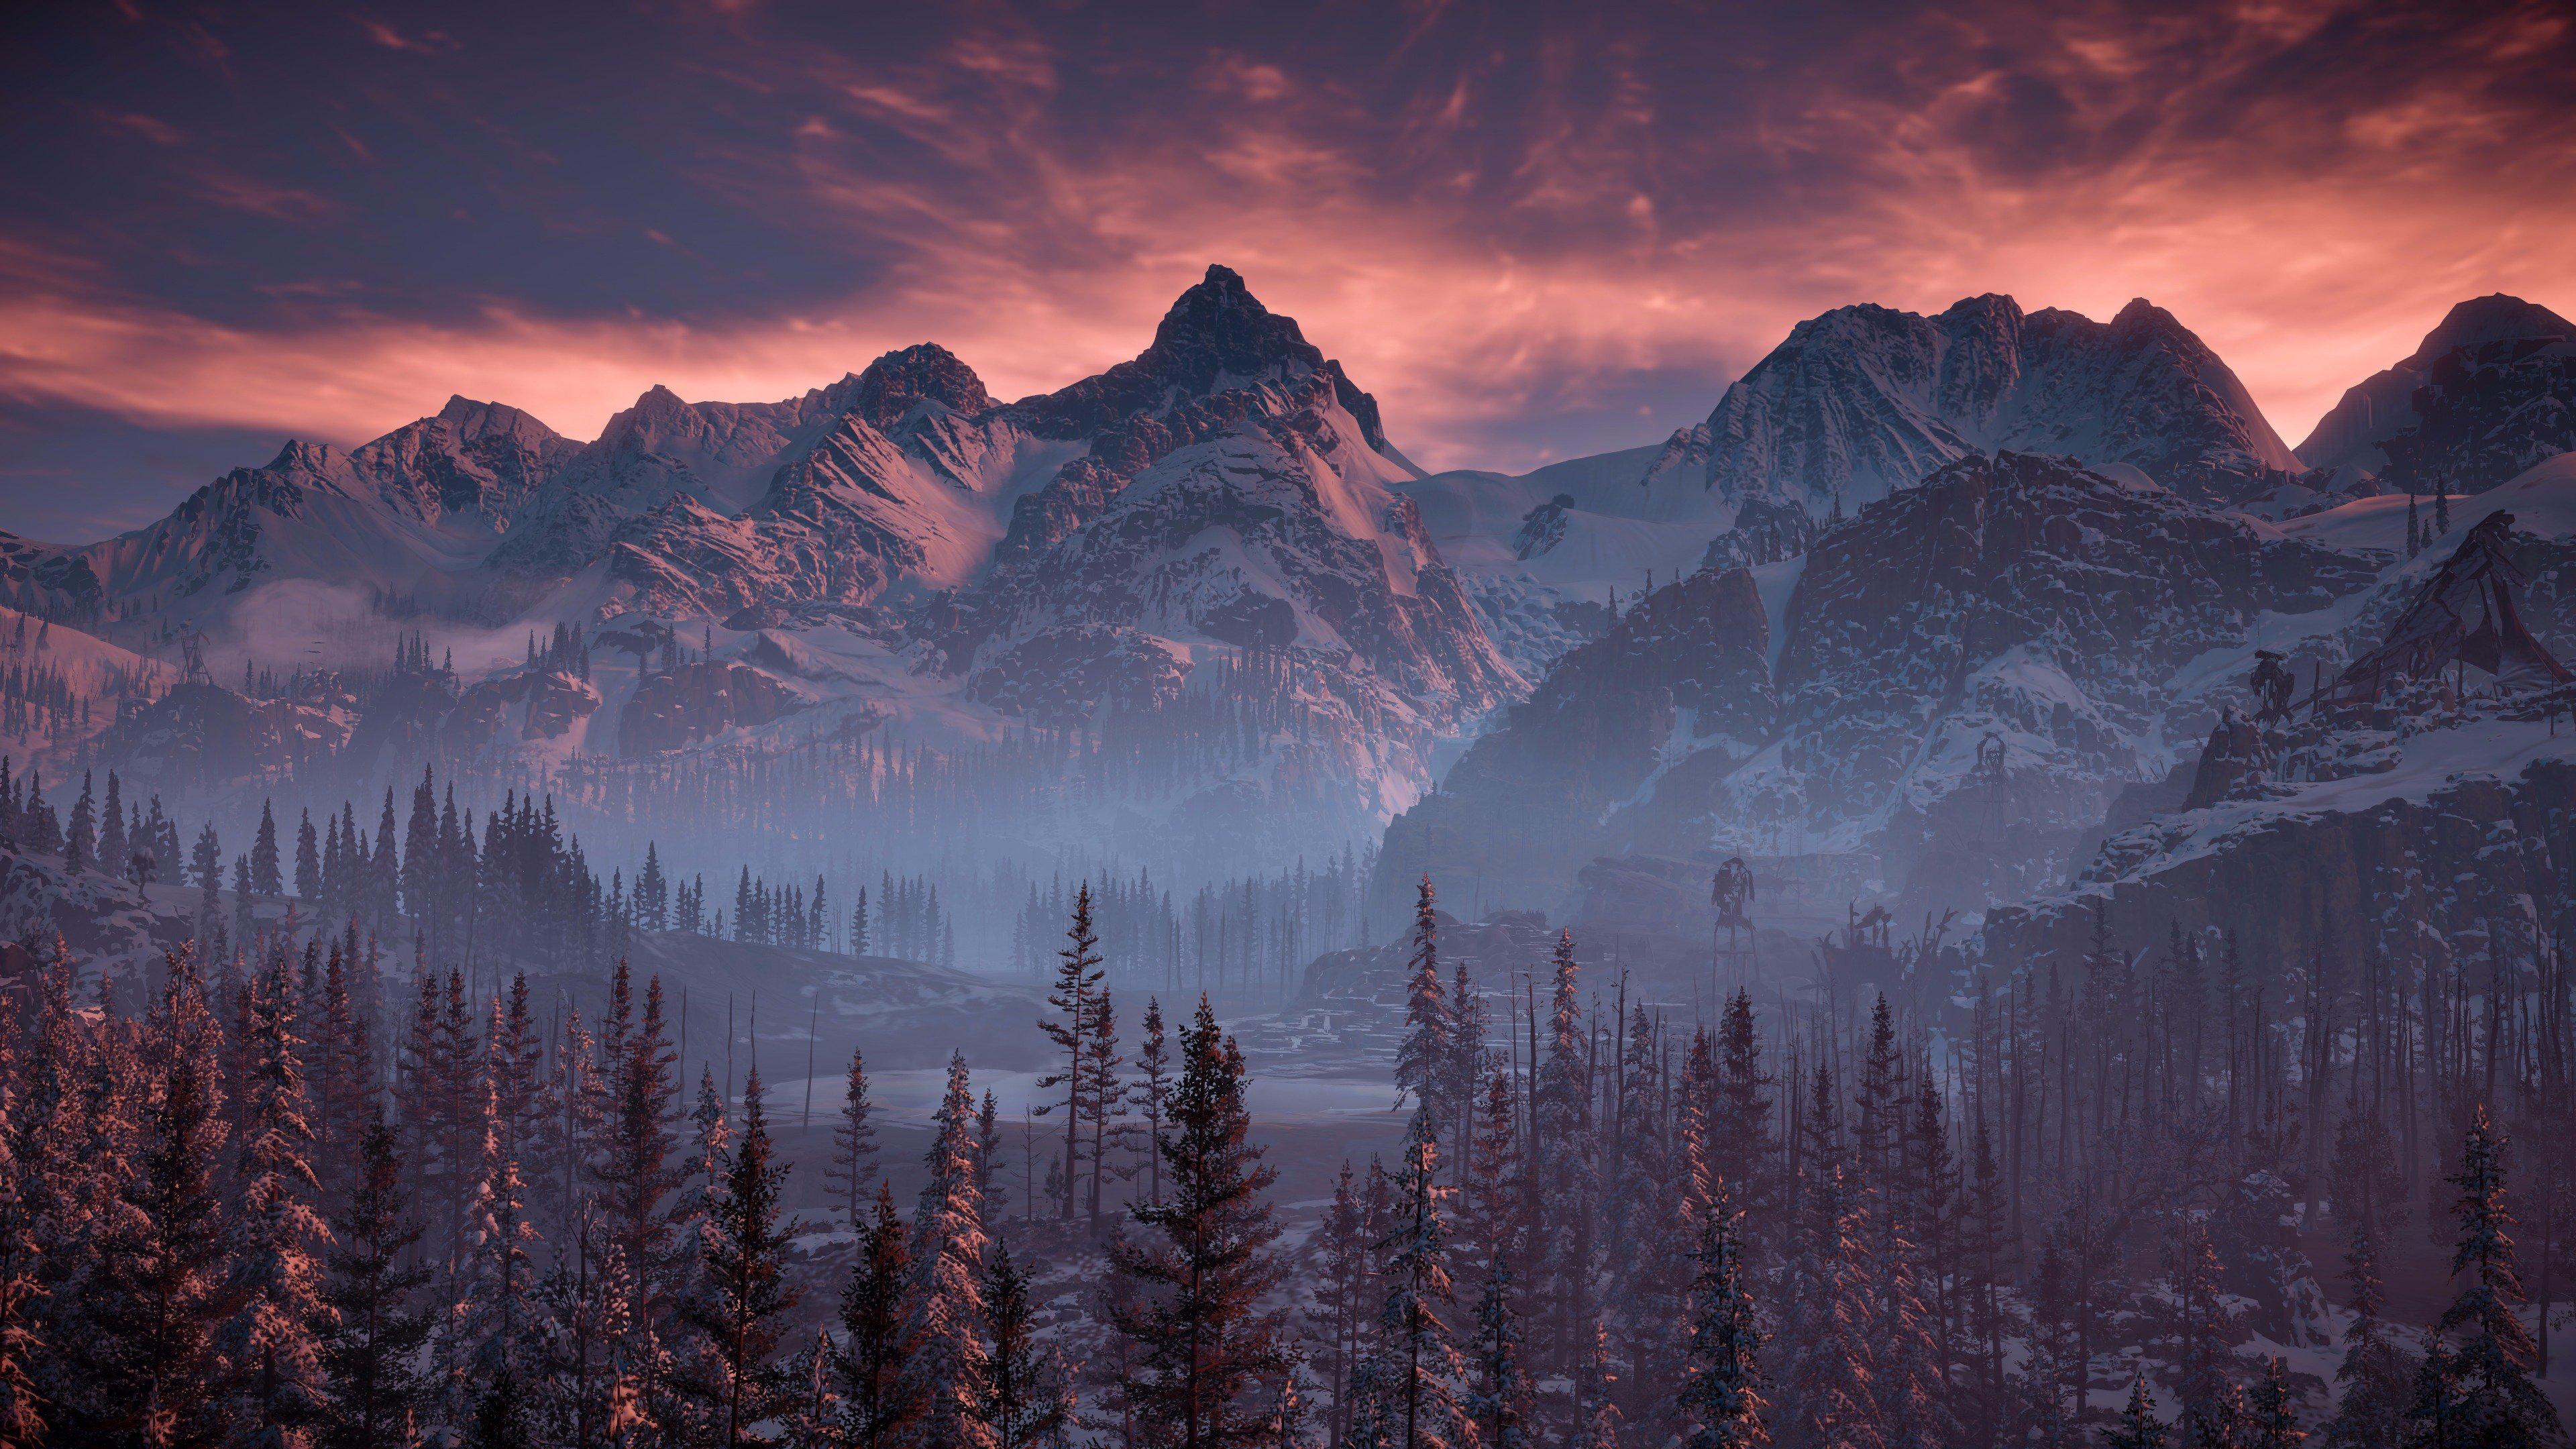 Horizon Zero Dawn Nature Mountains Trees Sky 4k Hd Games